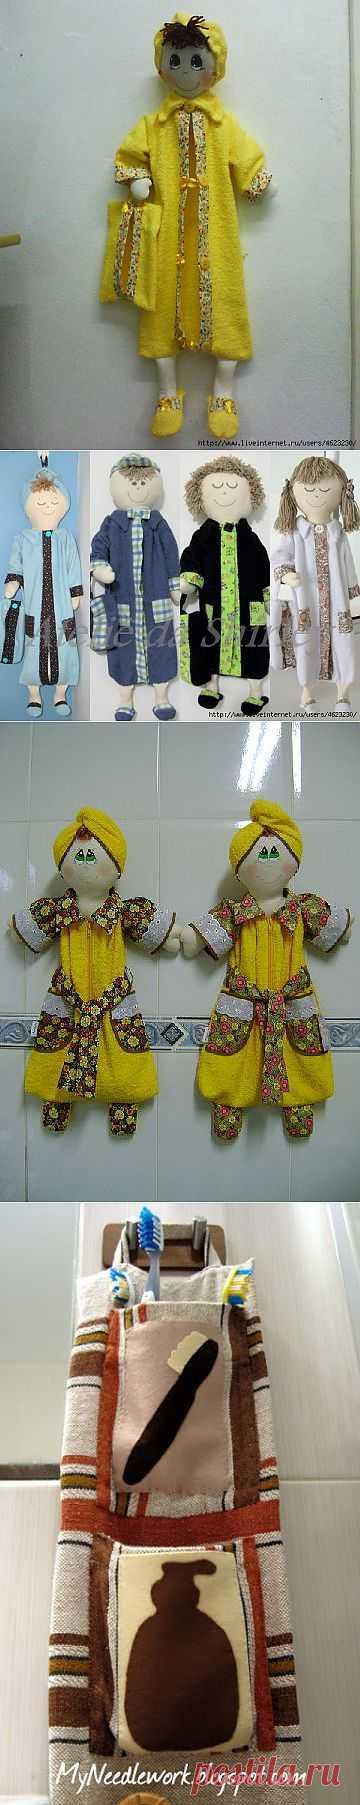 Кармашки (органайзеры) для ванной комнаты..